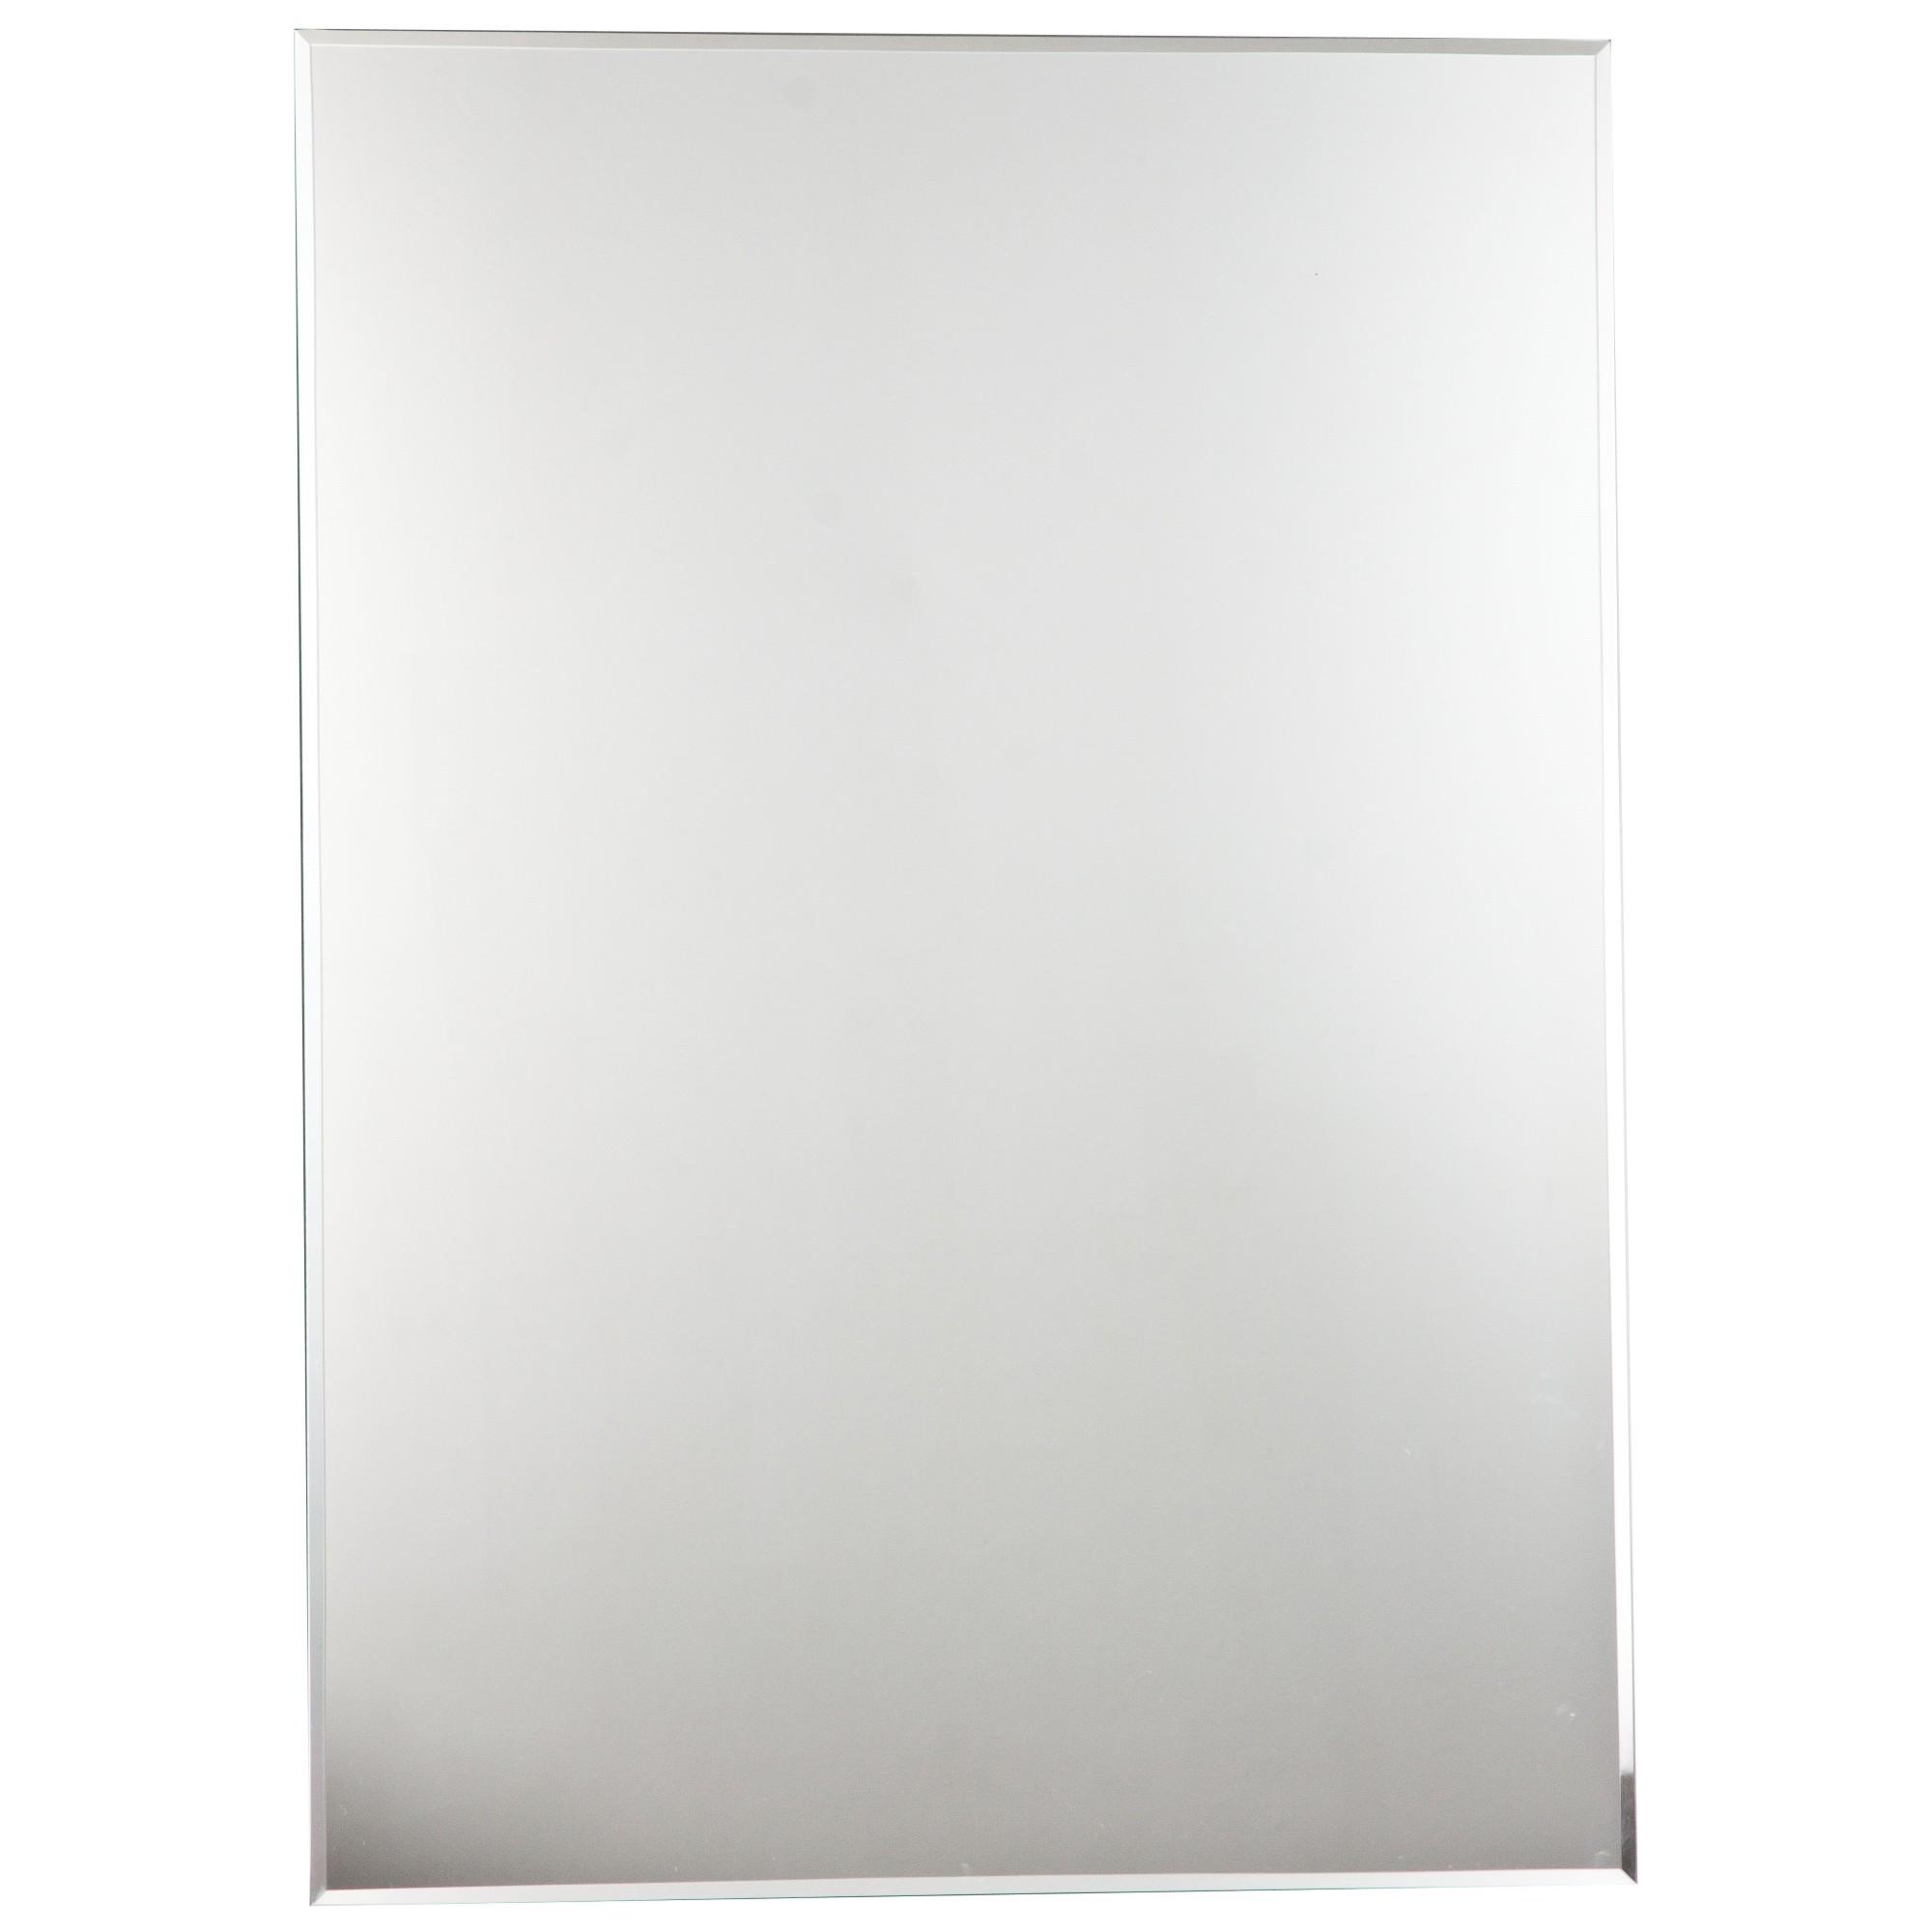 Espelho Para Parede Retangular 3mm 90x70 cm - Kanon